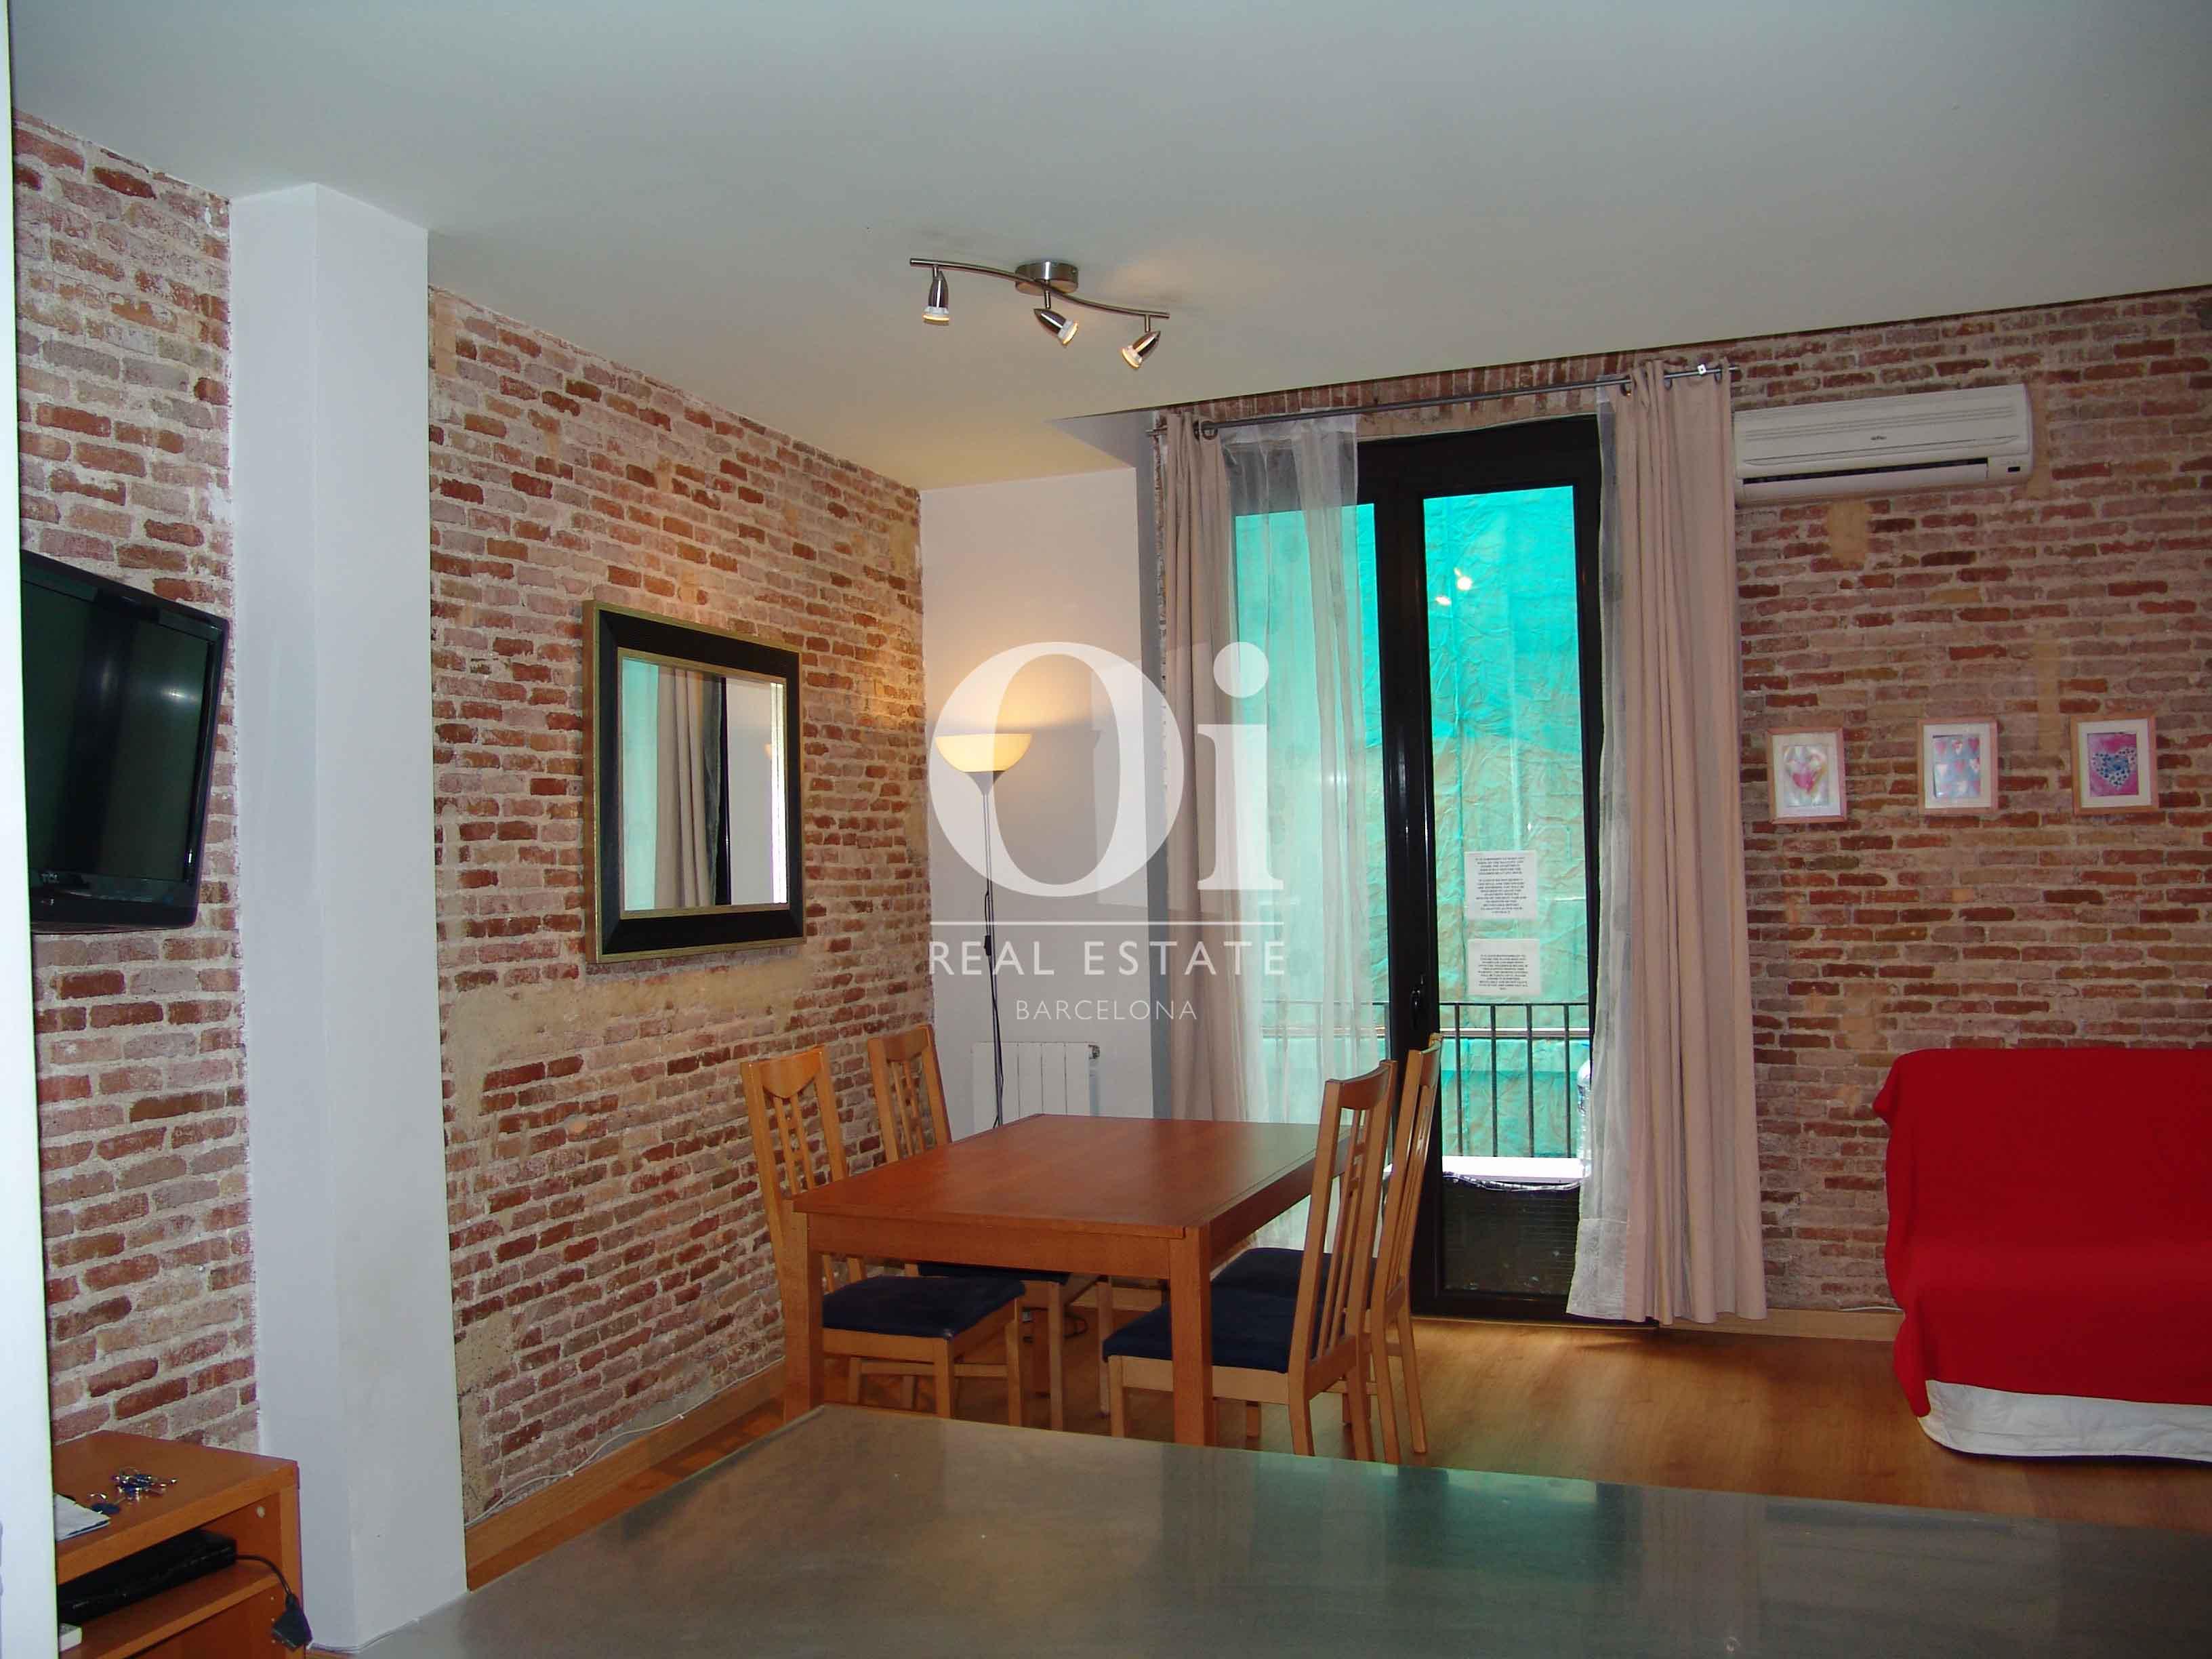 Уютная гостиная-столовая в недавно отремонтированной квартире в сердце района Raval в Барселоне